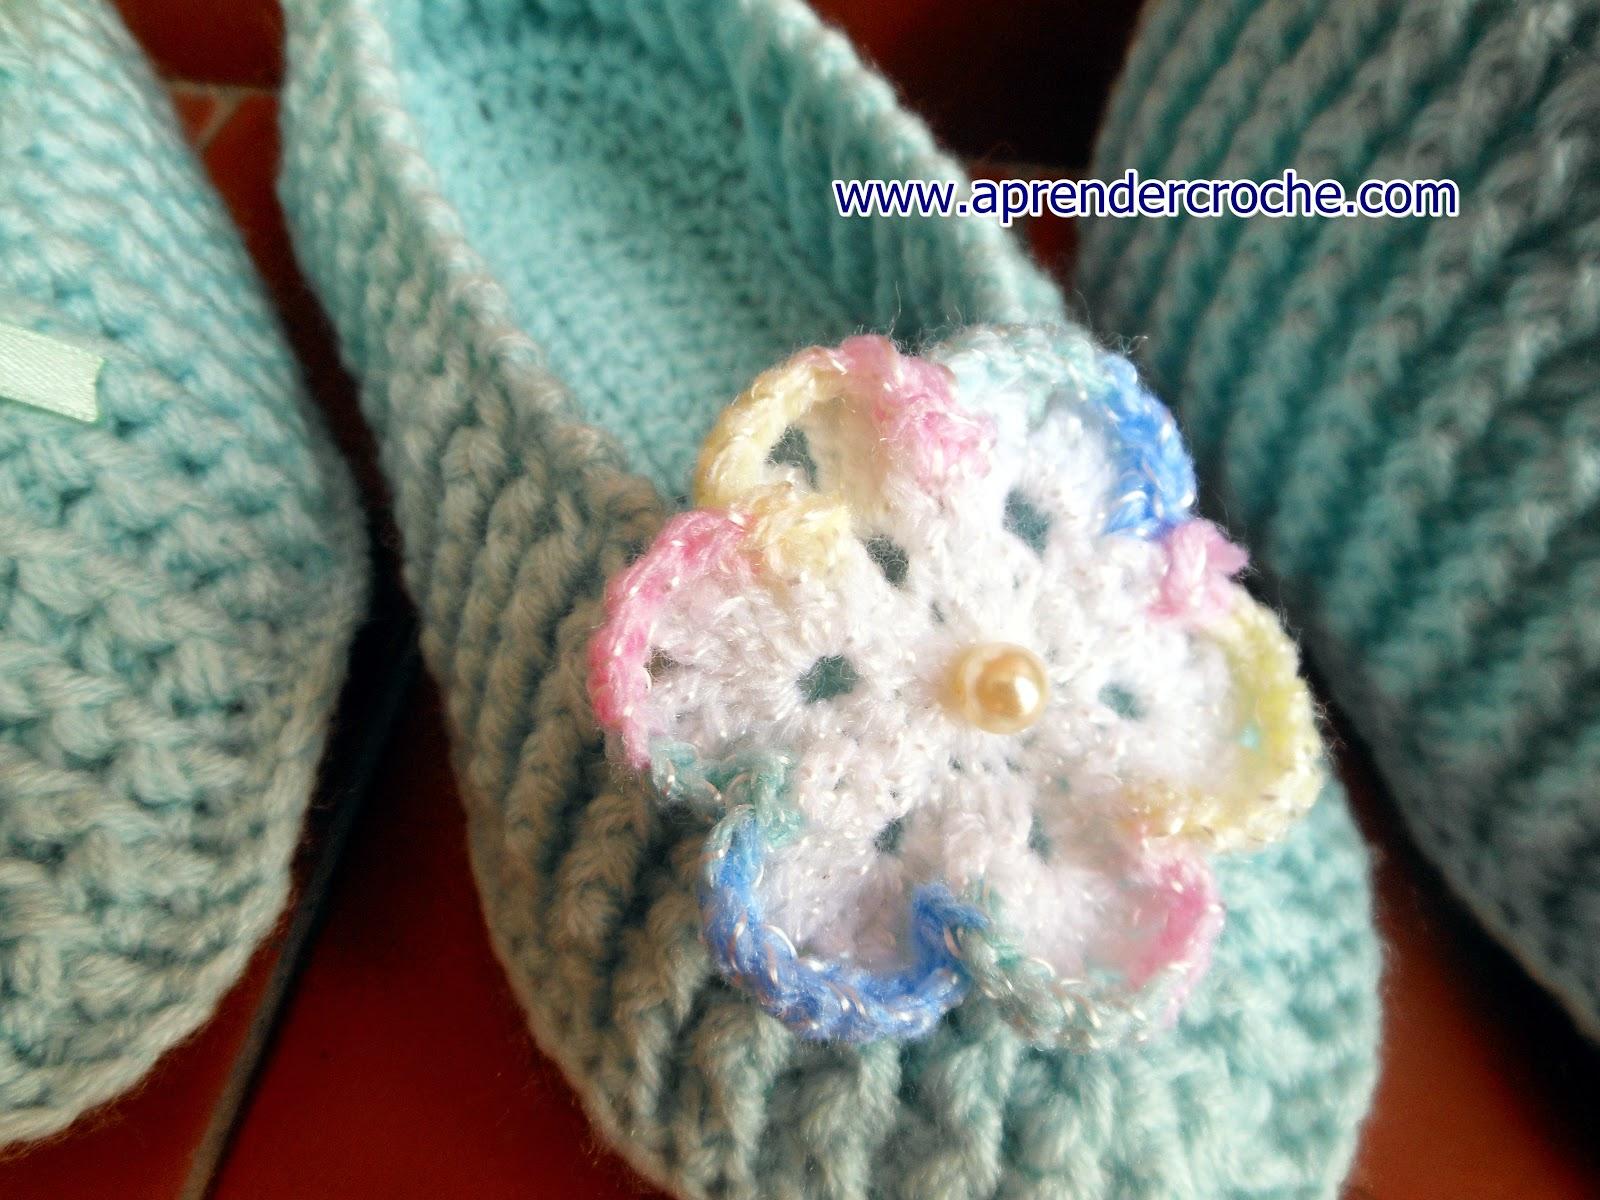 aprender croche pantufas sapatos sapatilhas chinelos botas meias renda-extra dvd loja curso de croche